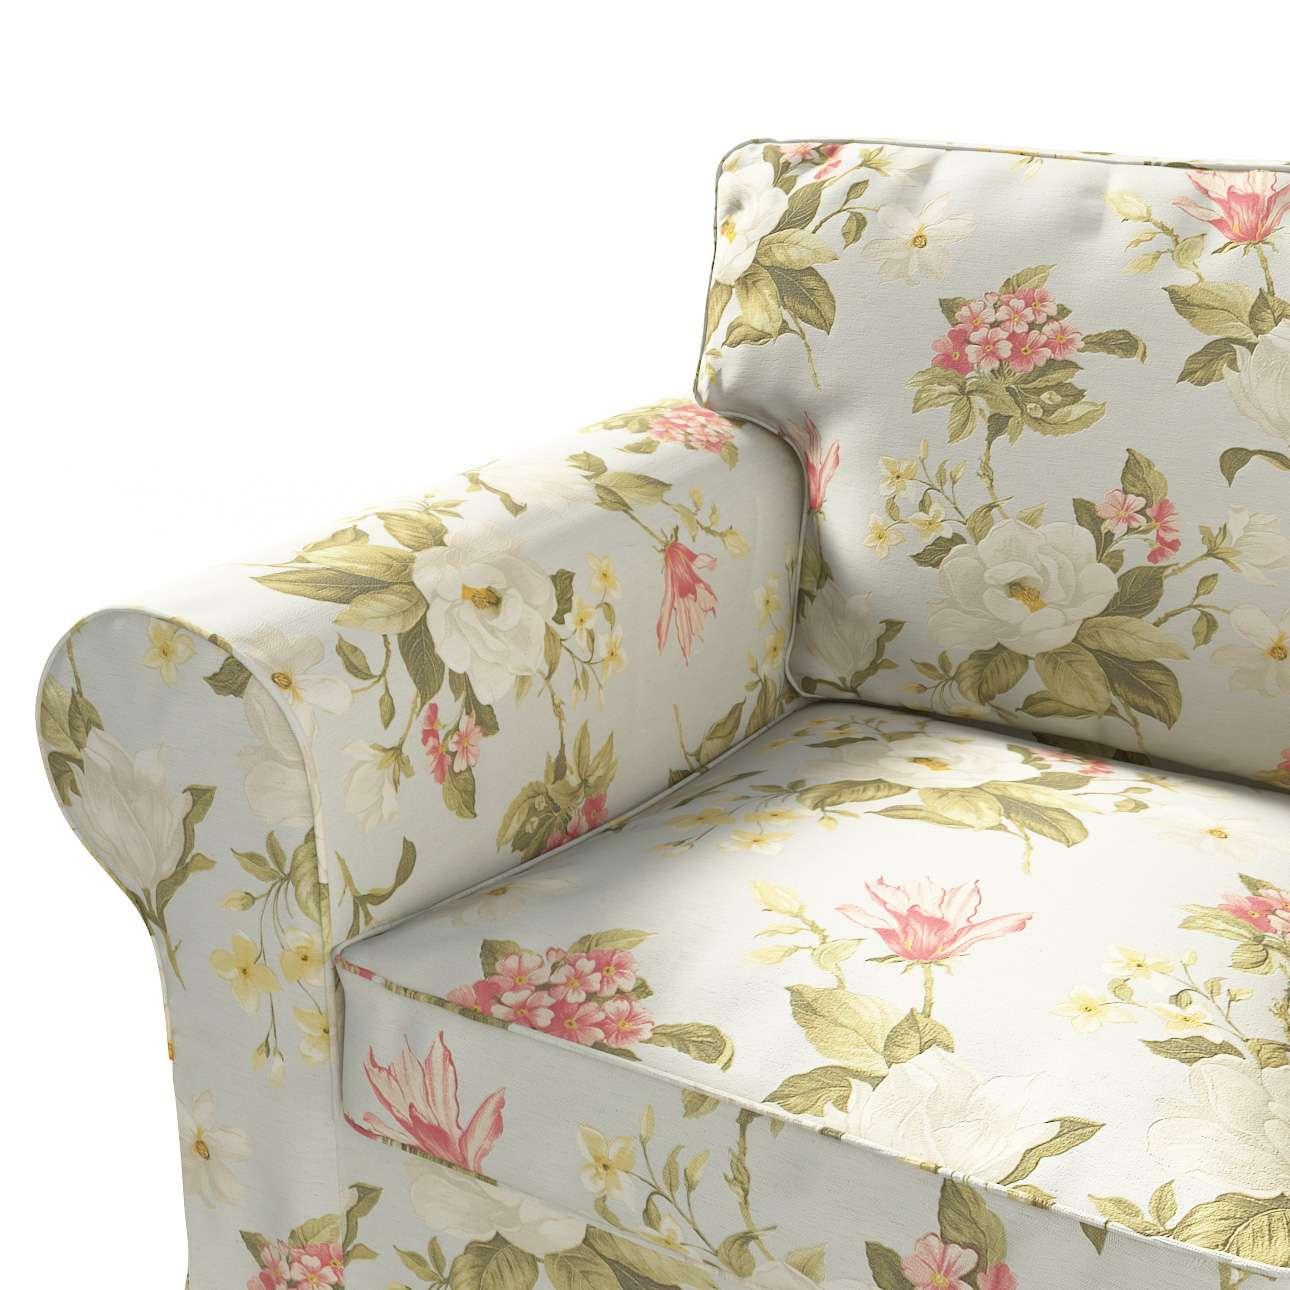 EKTORP fotelio užvalkalas Ektorp fotelio užvalkalas kolekcijoje Londres, audinys: 123-65